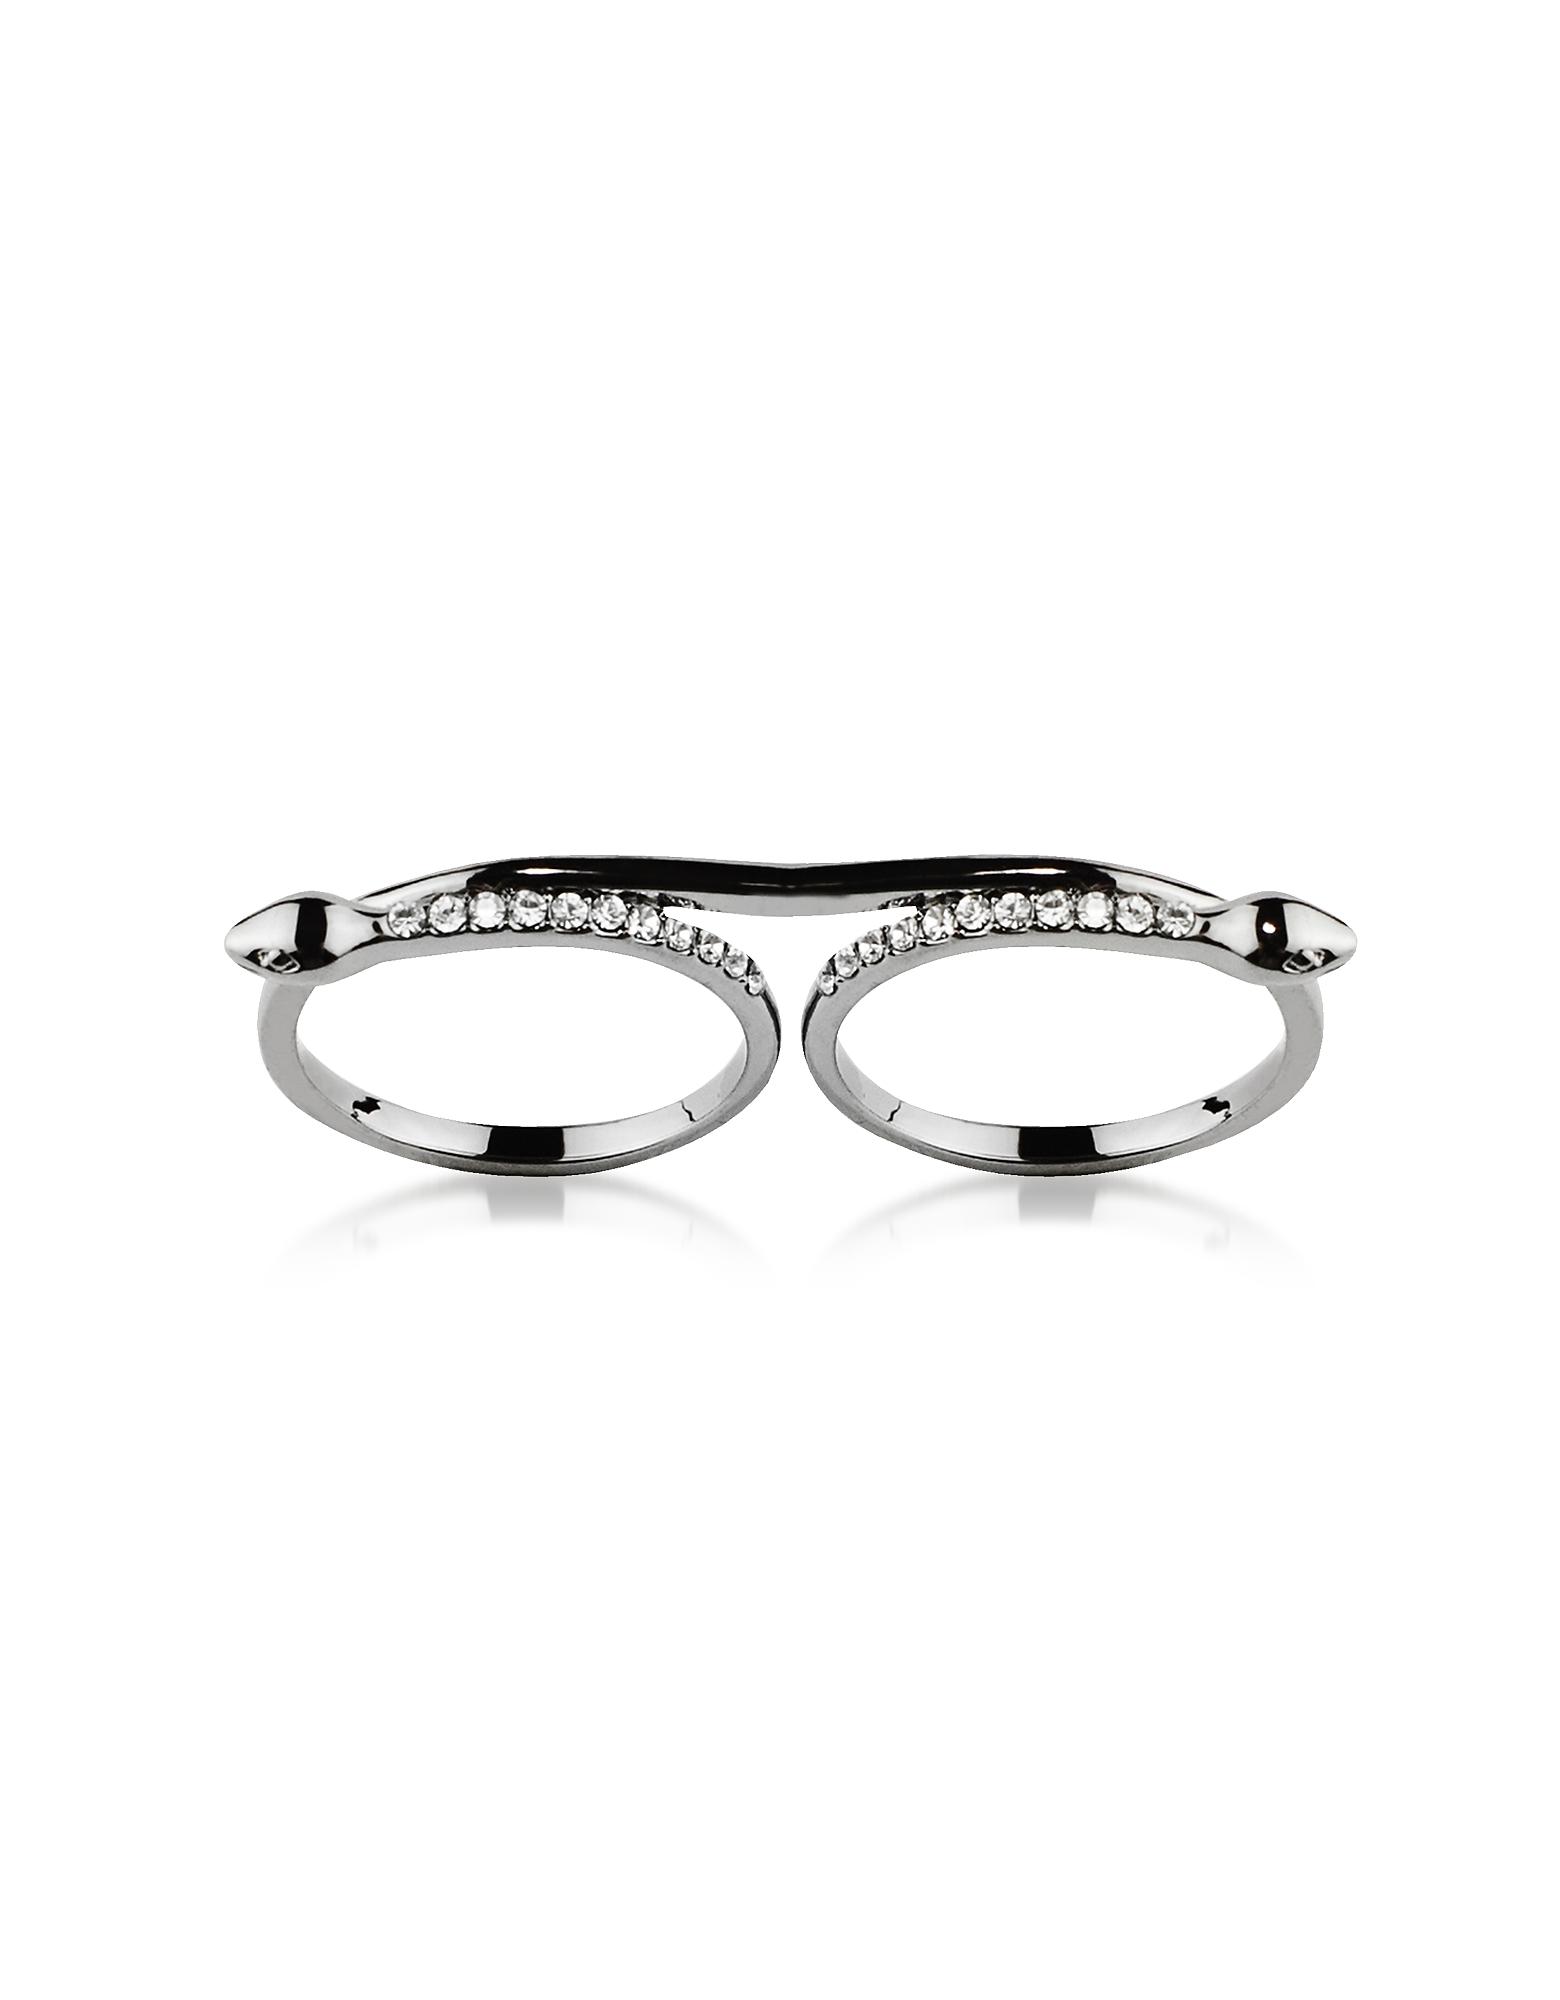 Federica Tosi Designer Rings, Double Snake Ring